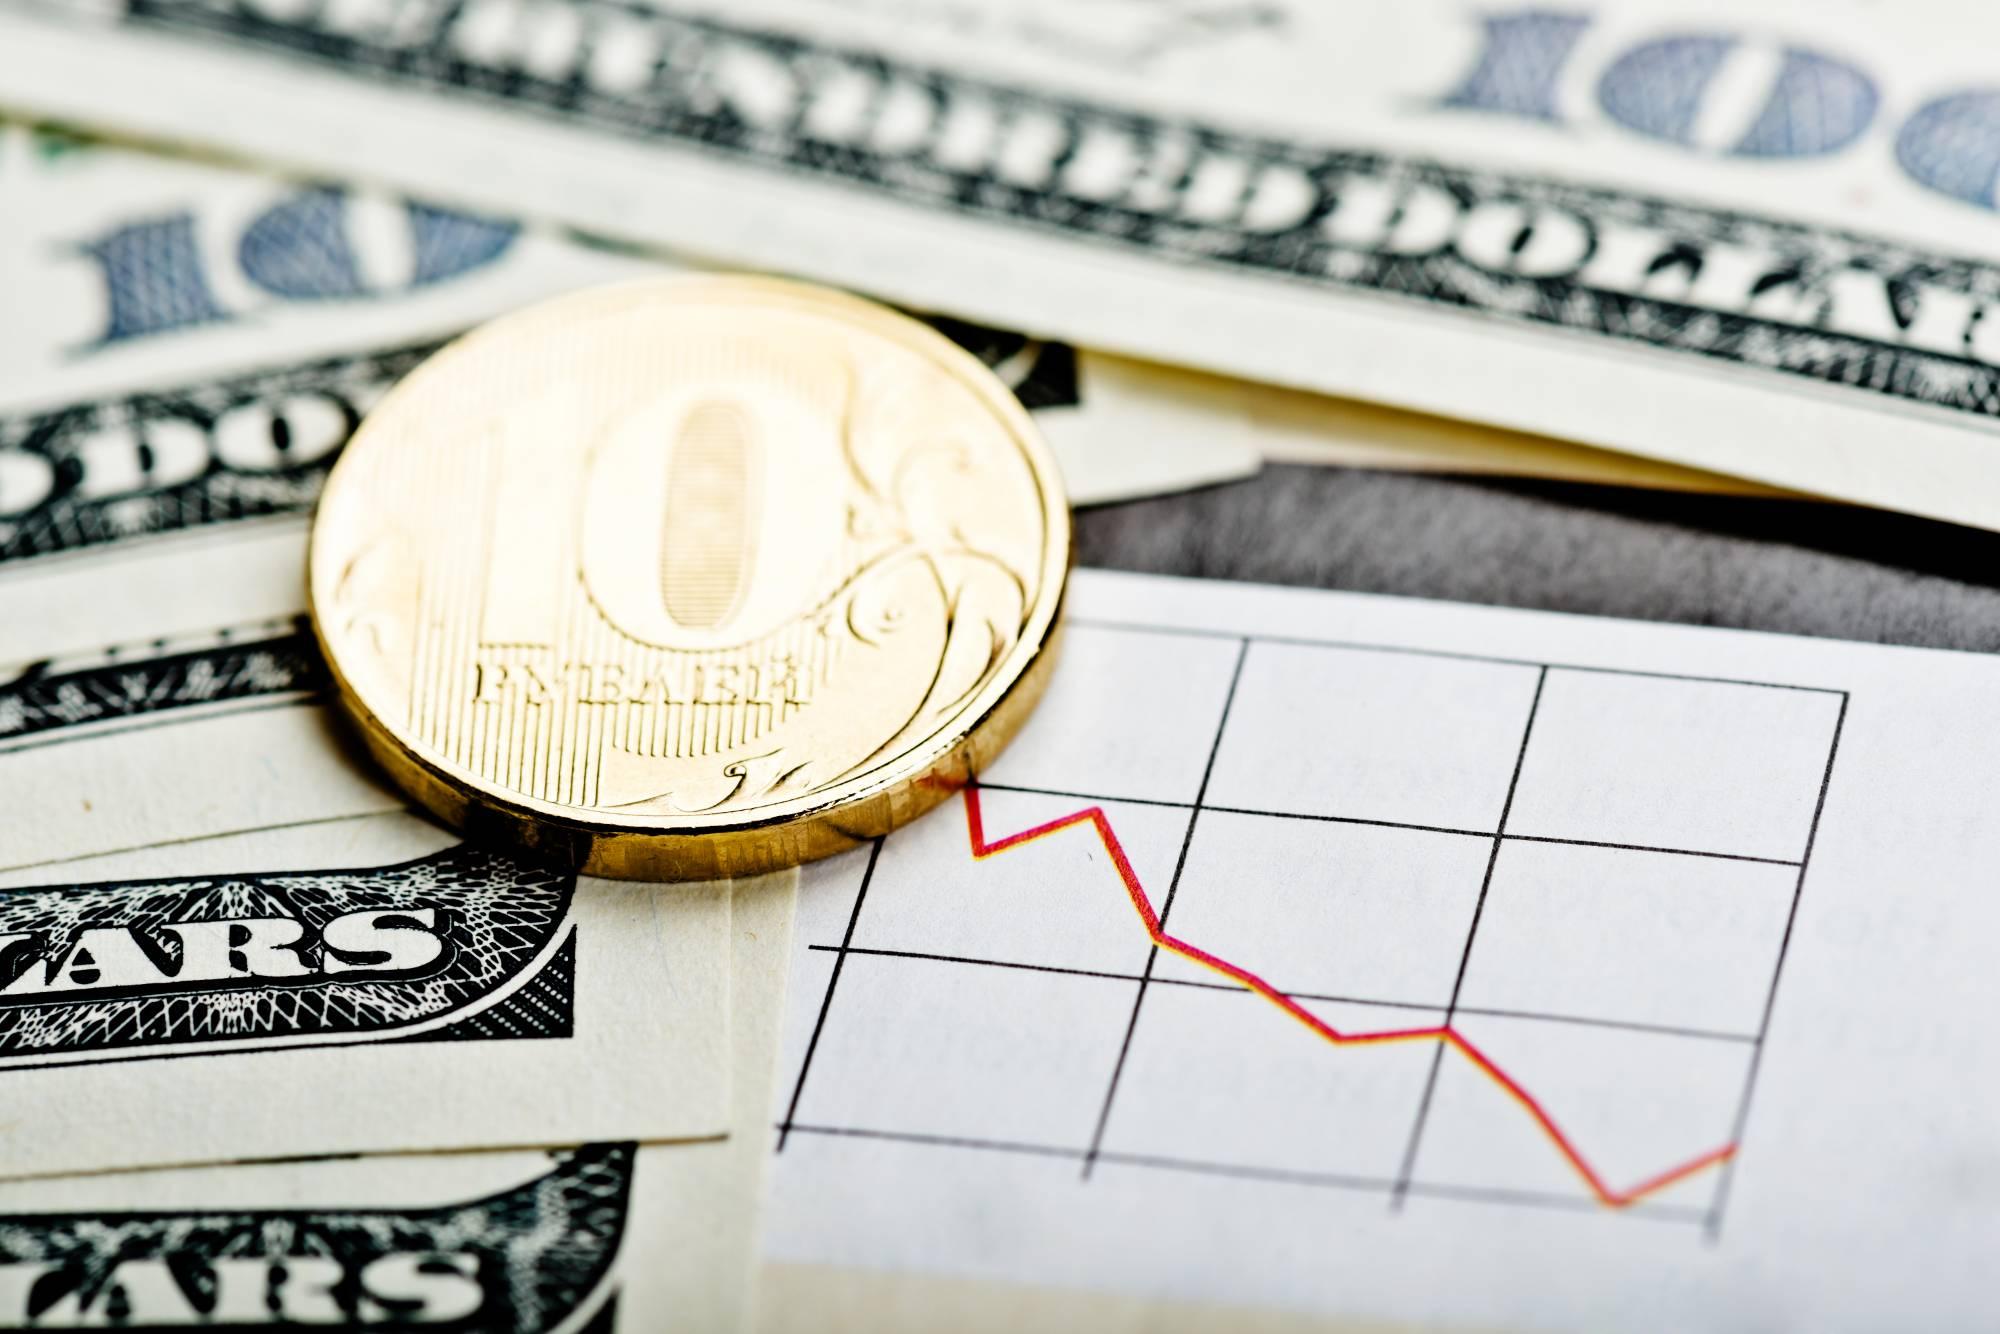 Валютный коллапс: почему после майских праздников может упасть курс доллара и что угрожает рублю